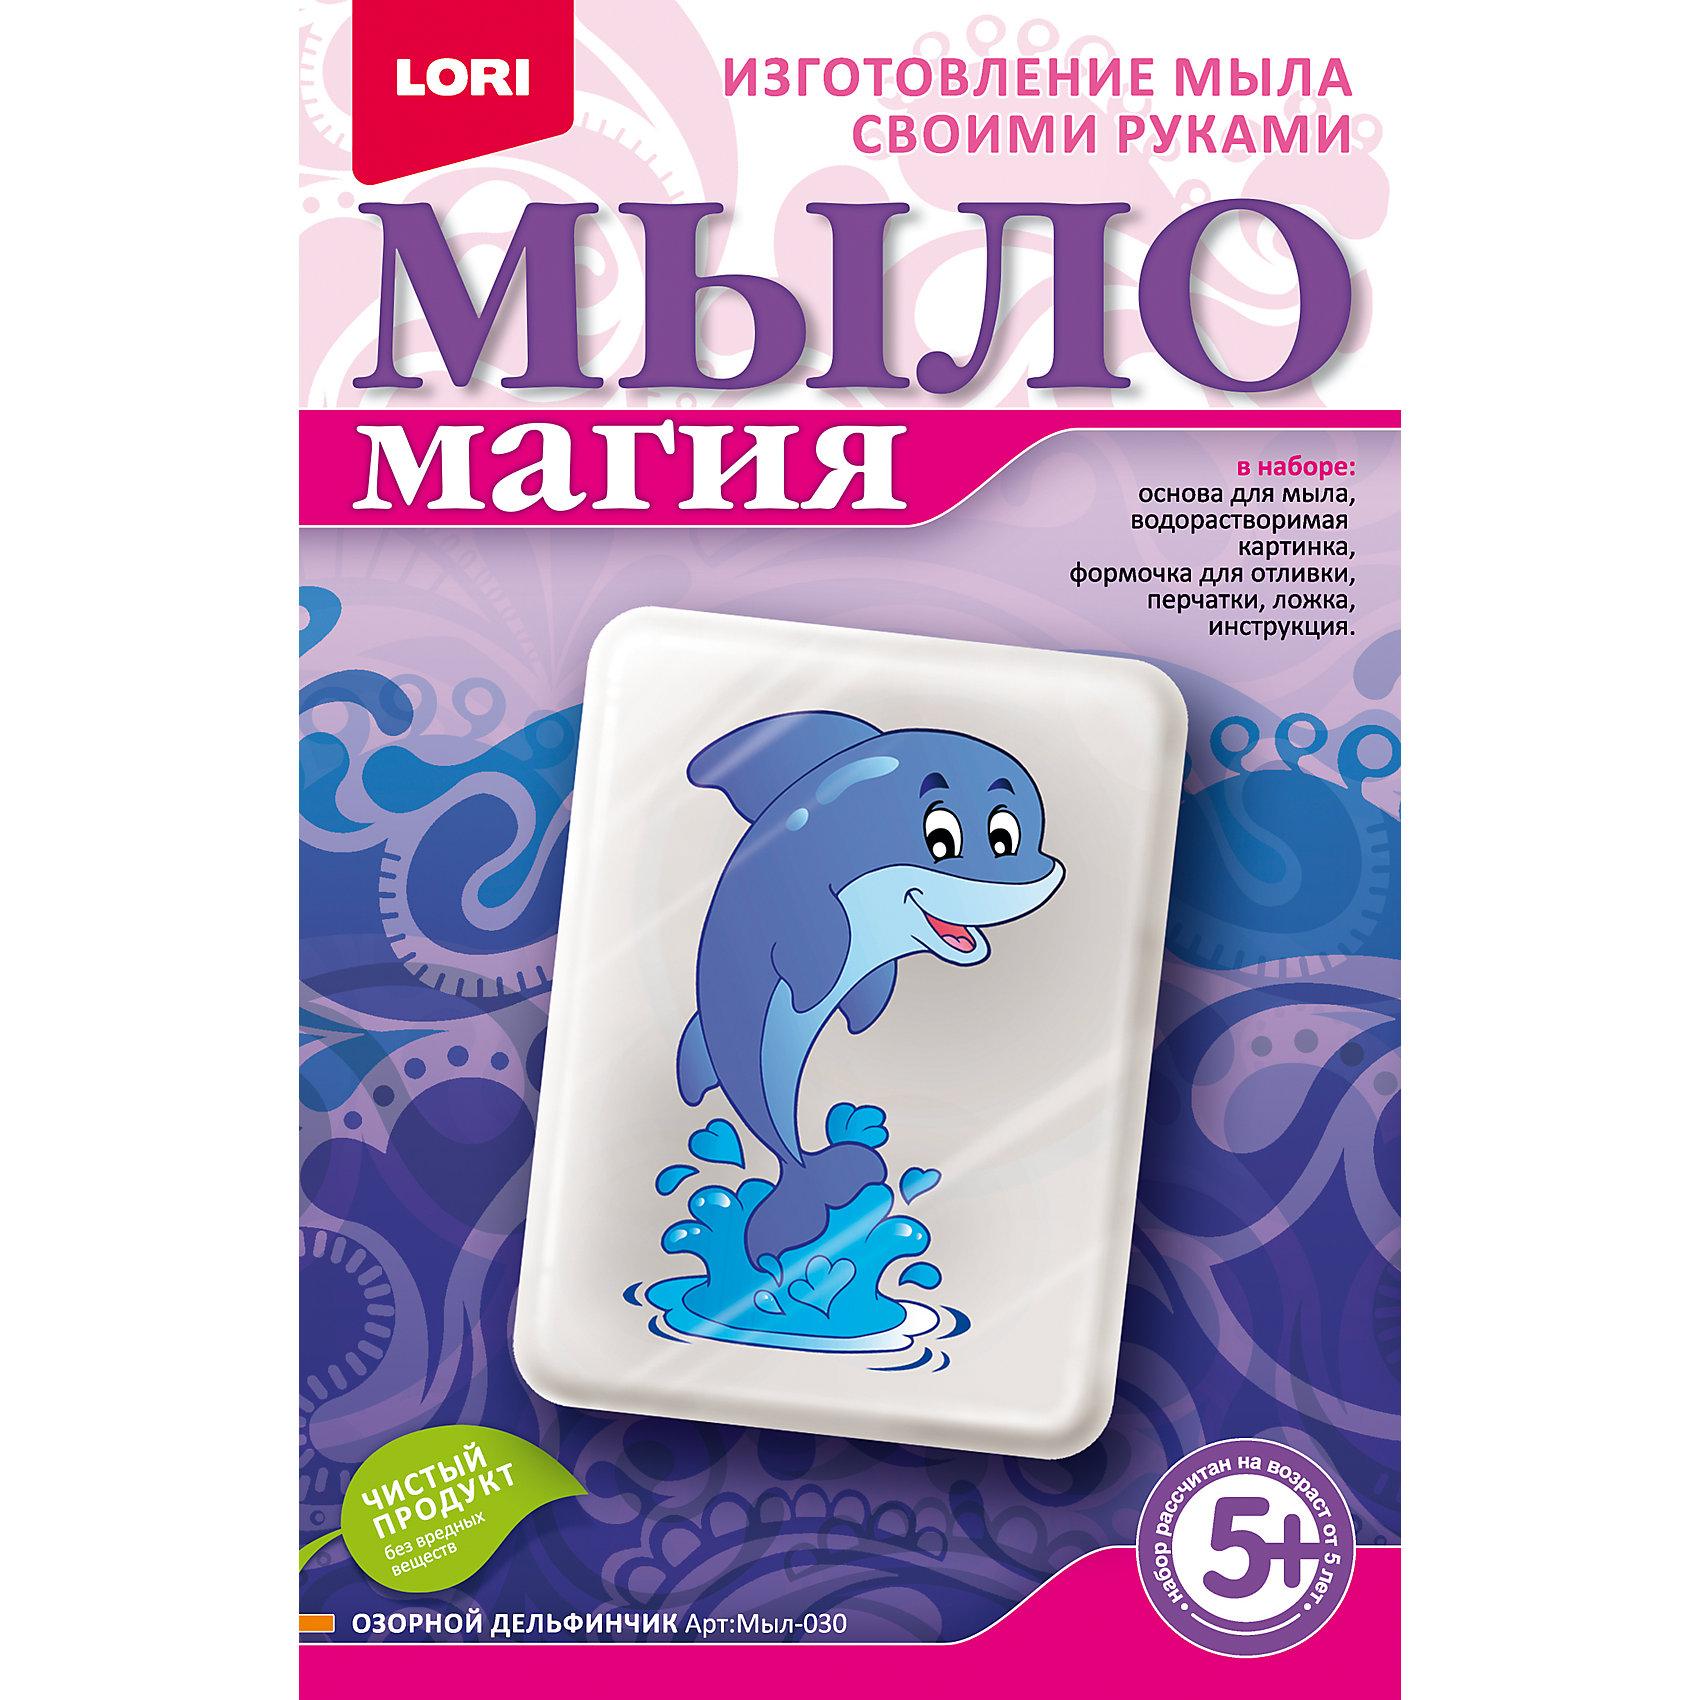 LORI МылоМагия Озорной дельфинчик клубничный пищевой гелевый краситель дешево